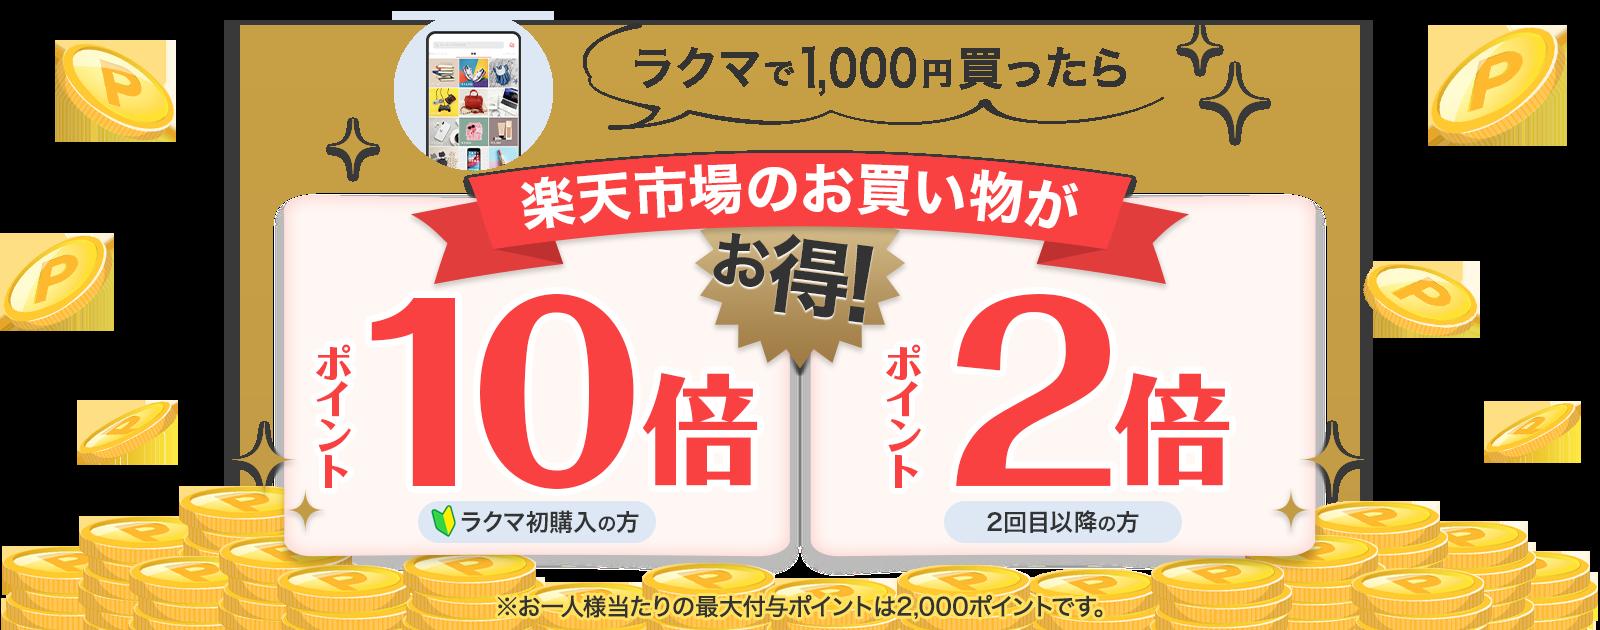 ラクマで1000円以上買うと、楽天で新規10倍、既存2倍。~6/11 2時。